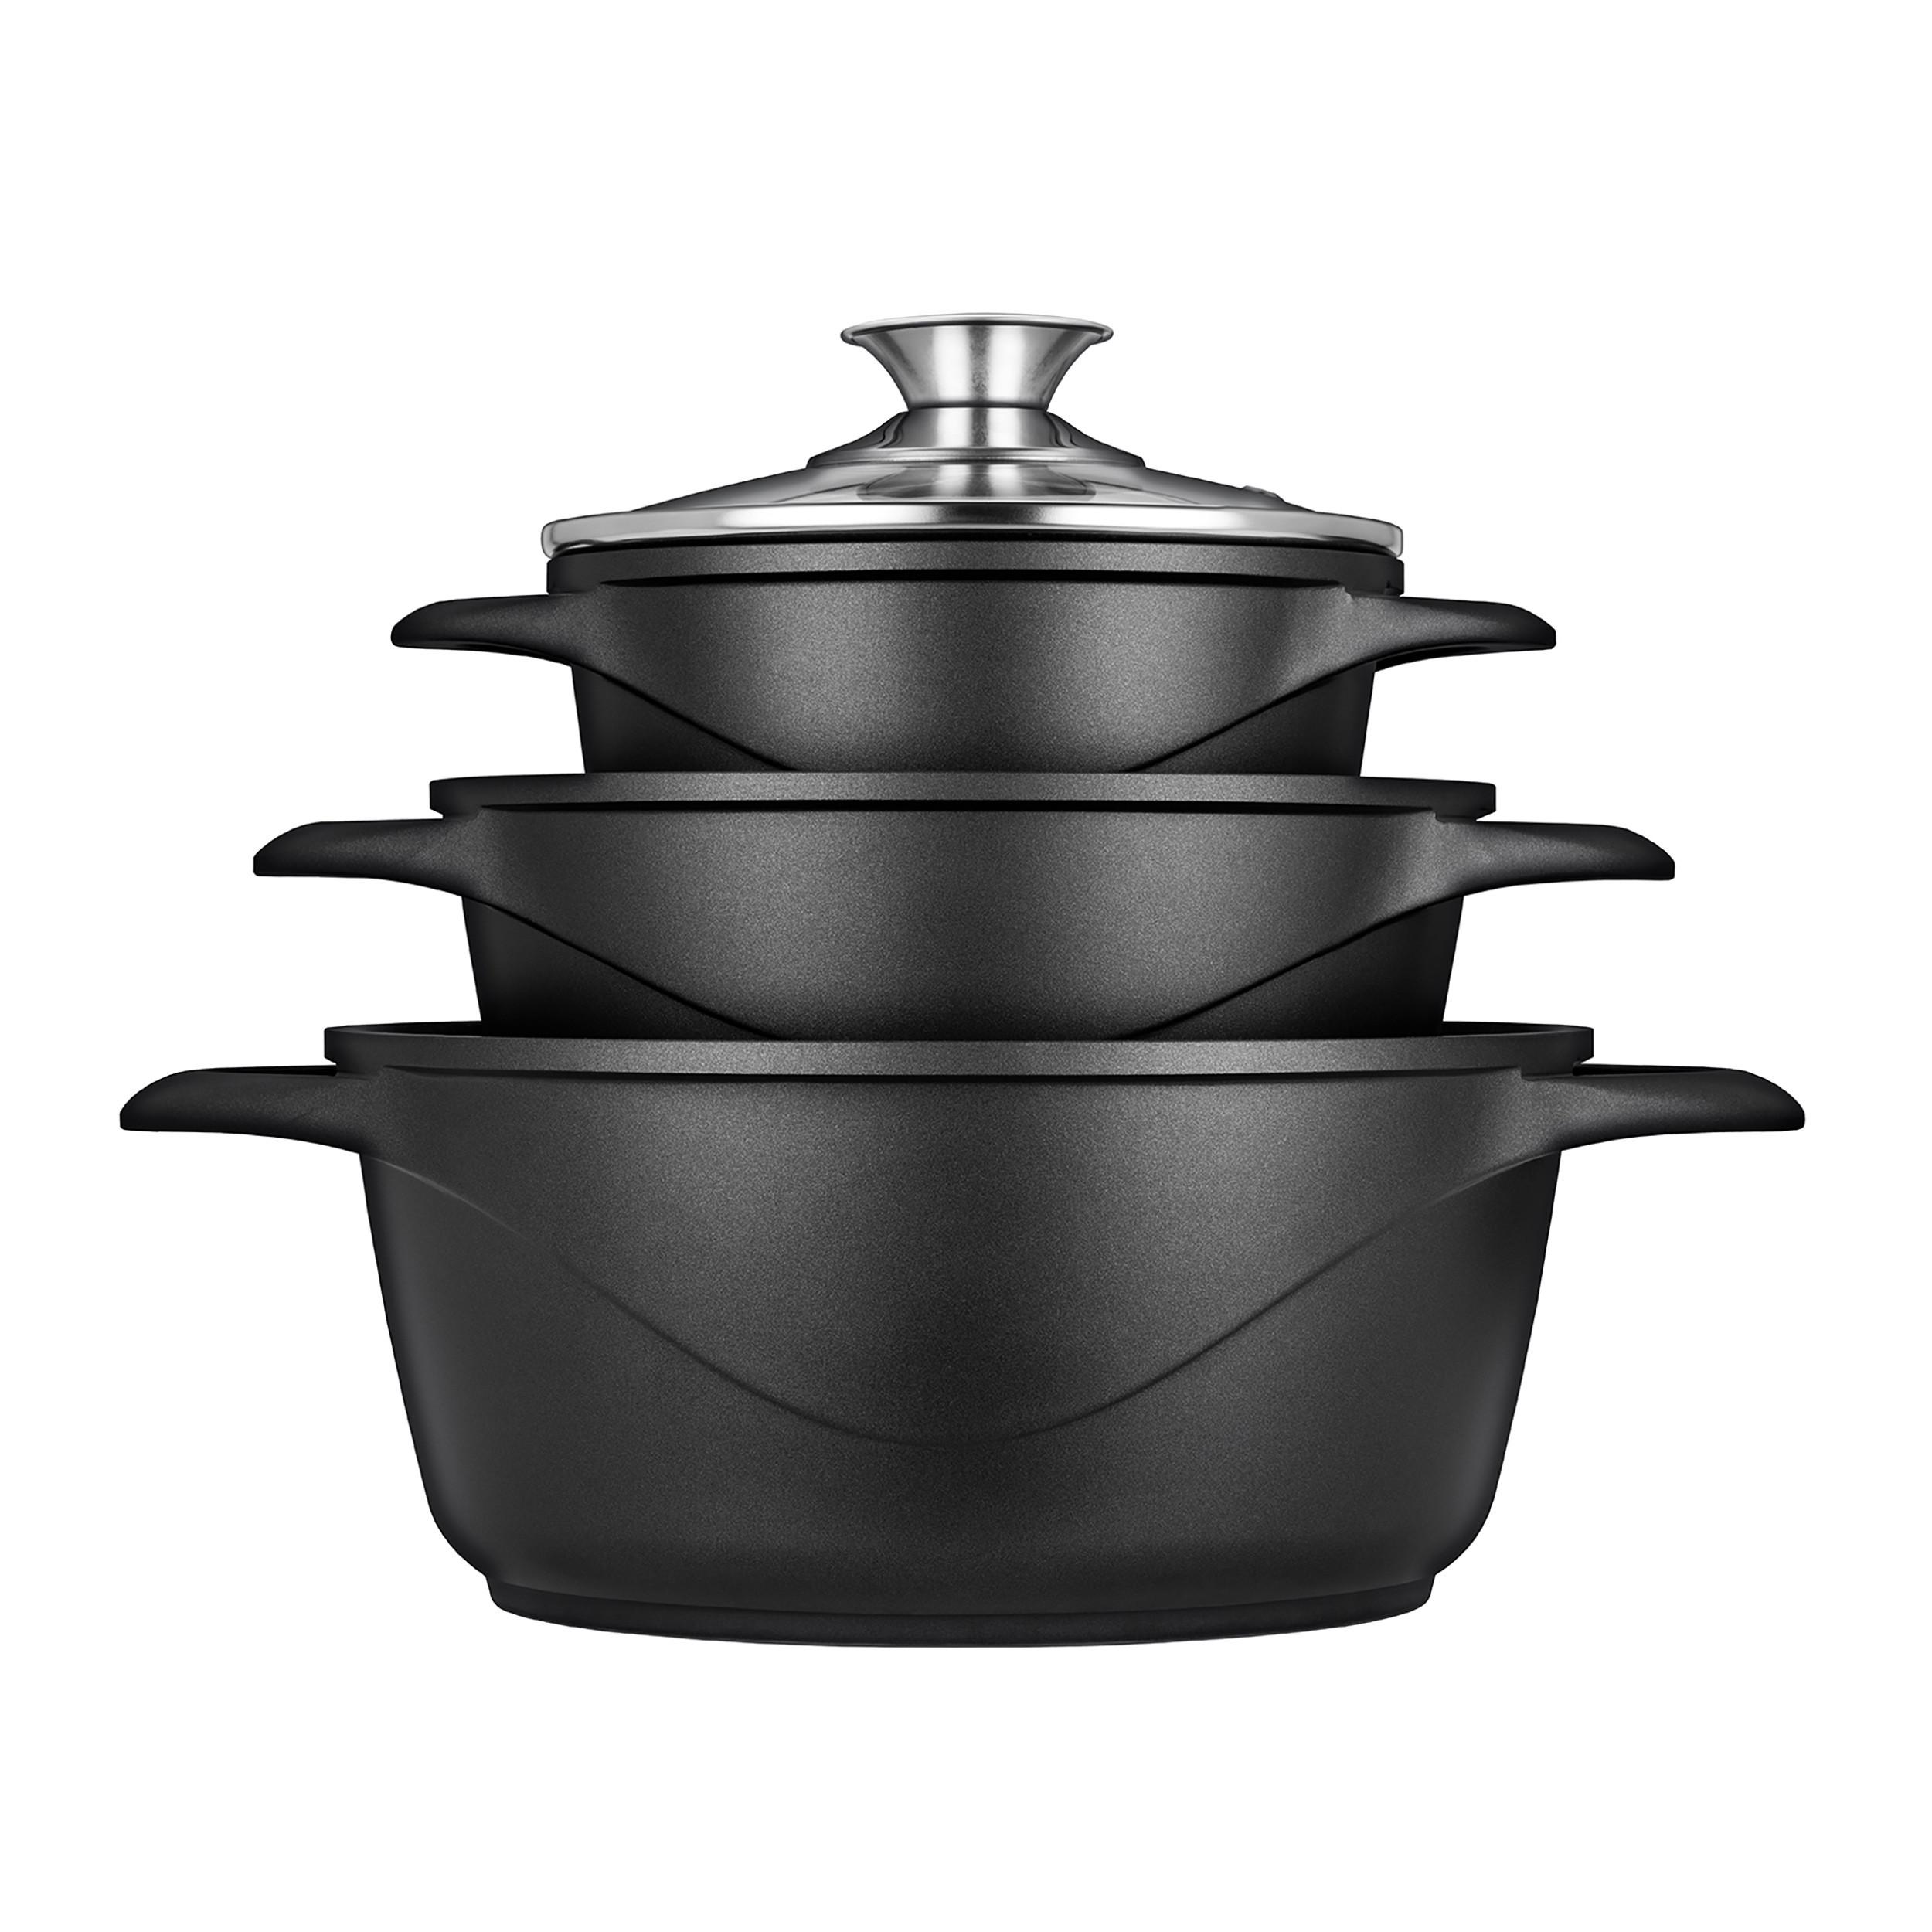 SMILE MGK18 - Batería de Cocina Inducción 6 piezas Aluminio Fundido, 3 ollas, Tapas de Vidrio Templado, Revestimiento Antiadherente, Apta Para Todo tTpo de Cocinas, Libre PFOA